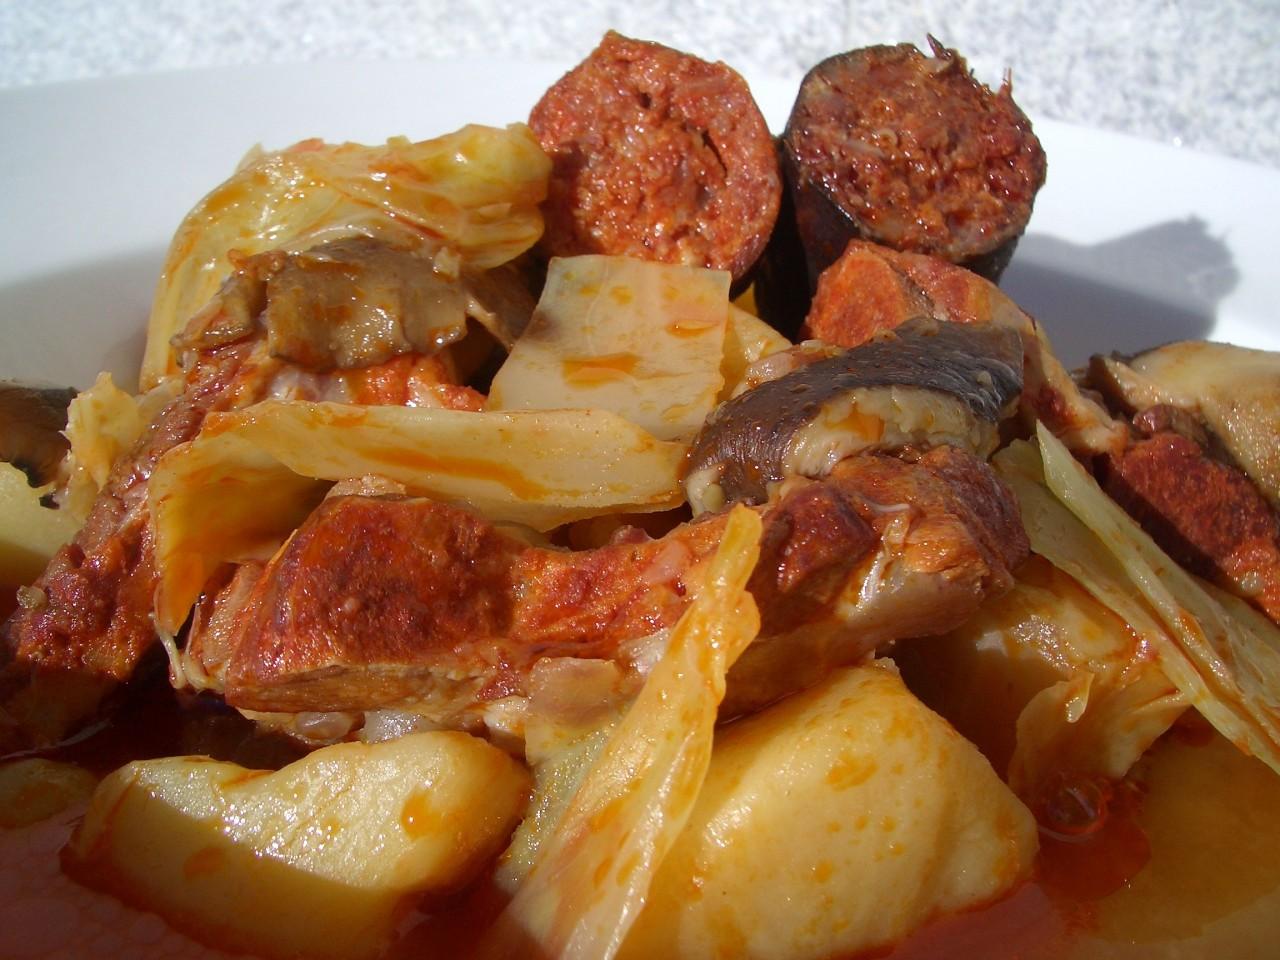 Guiso de Repollo, Costilla y Setas – Cabagge, Rib and MushroomStew